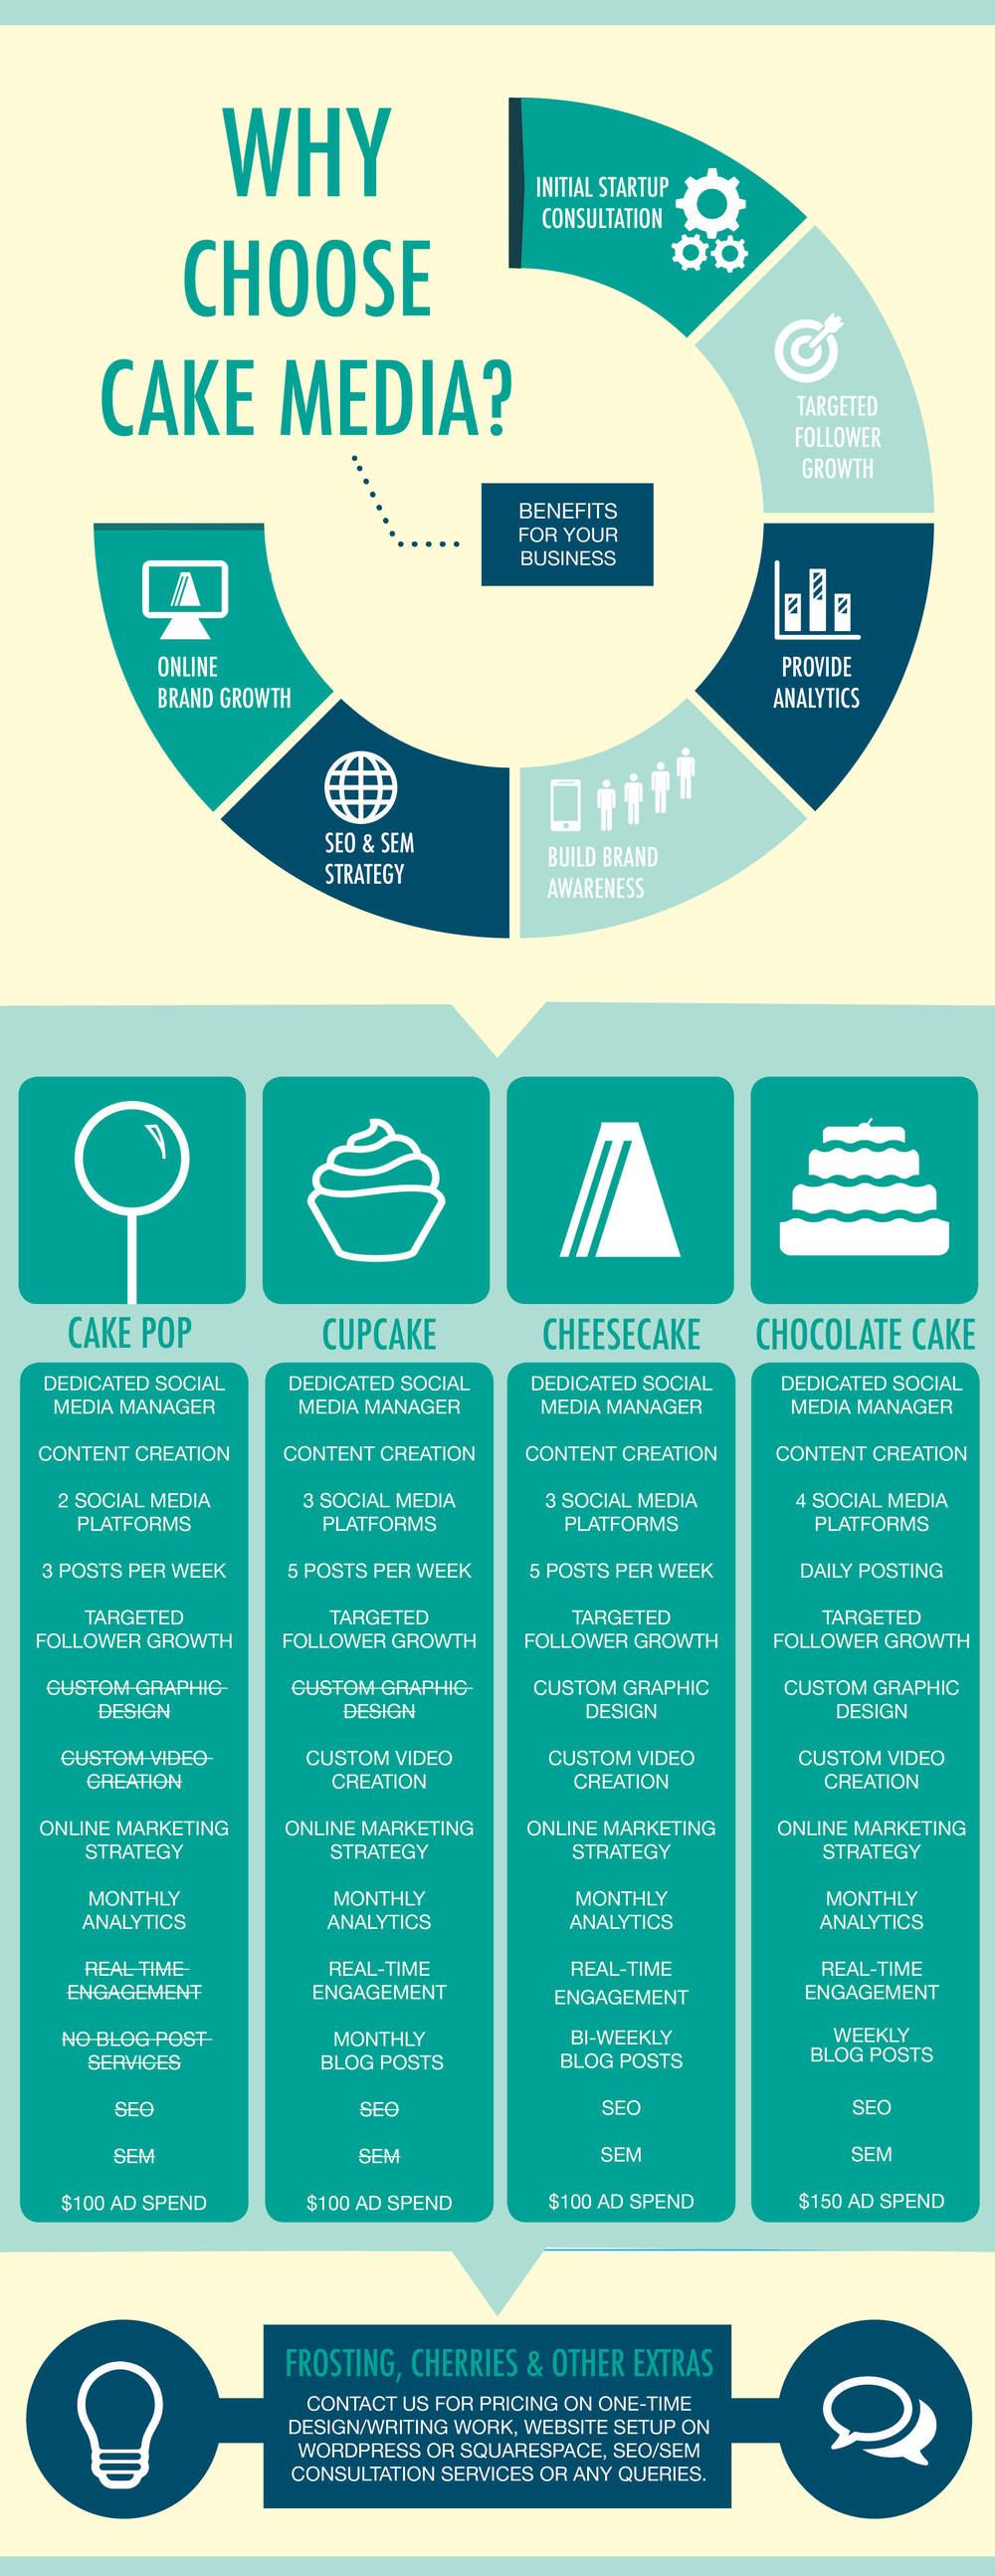 CakeMediaInfographic.jpg